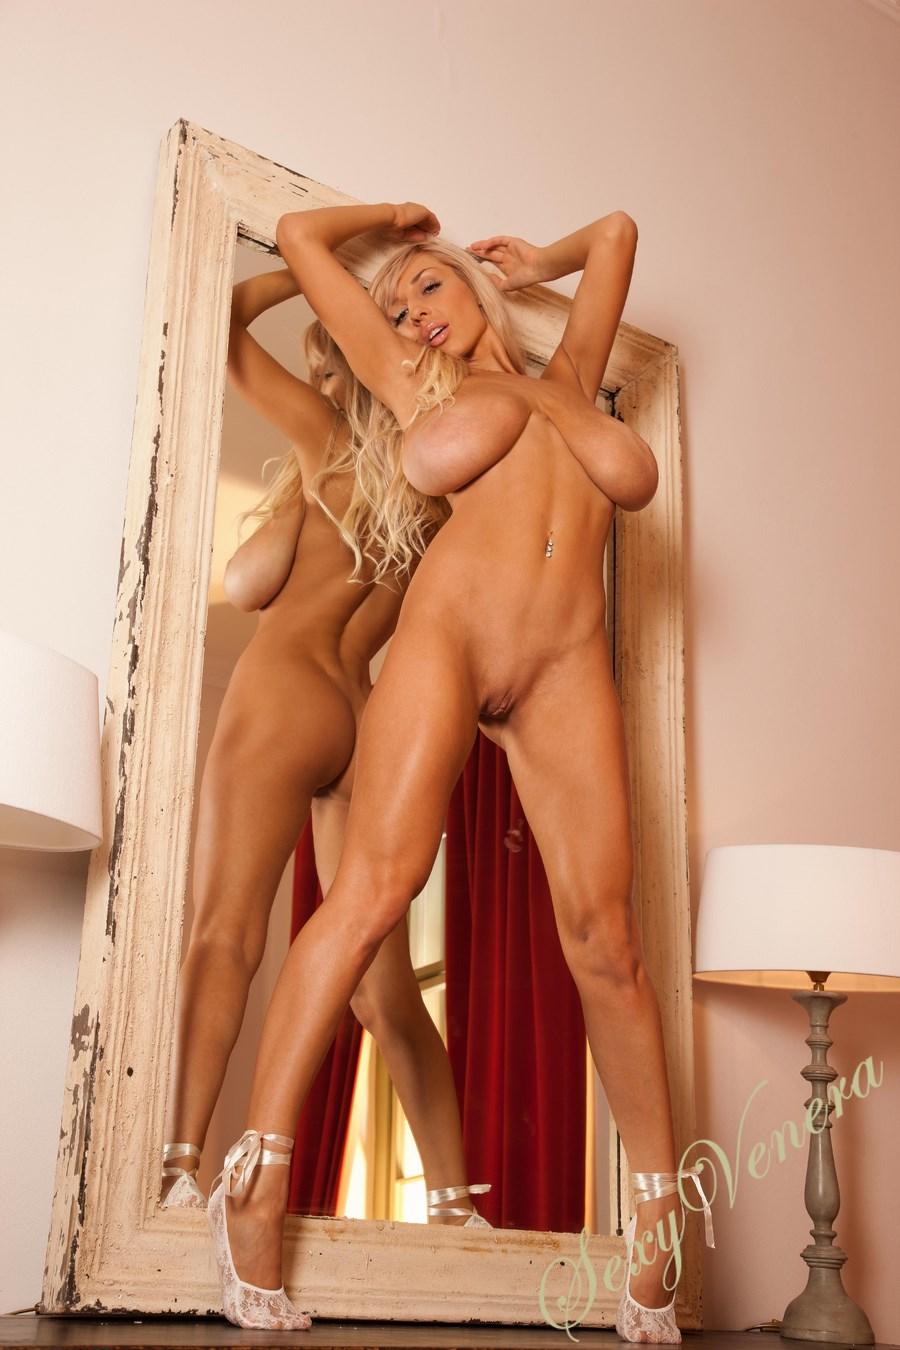 очень огромные и голые сиськи фото